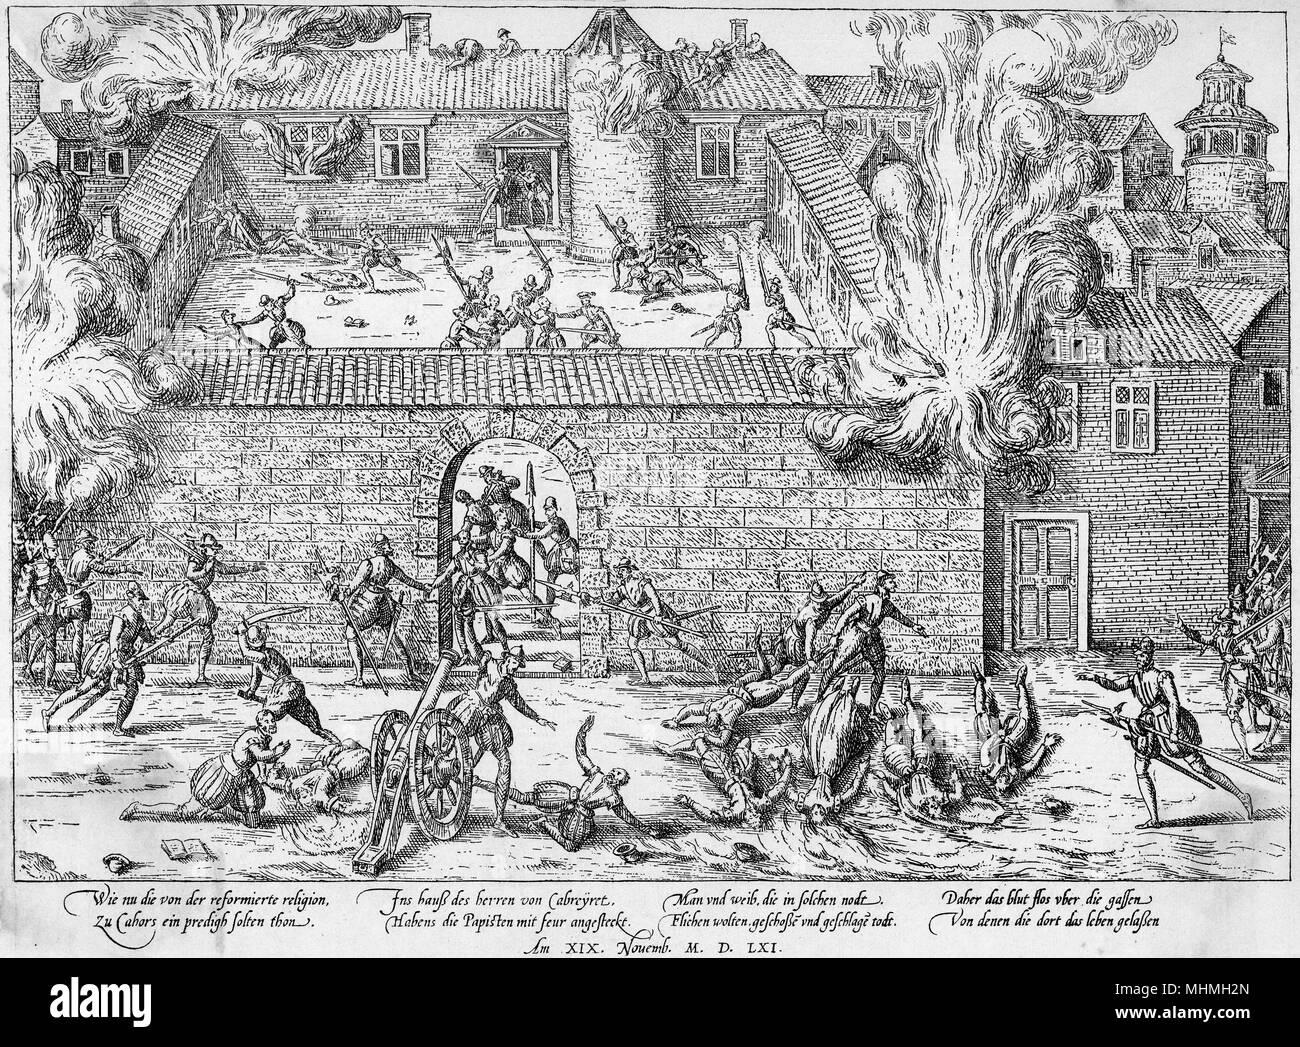 La masacre de los hugonotes en Cahors Fecha: 1562 Foto de stock